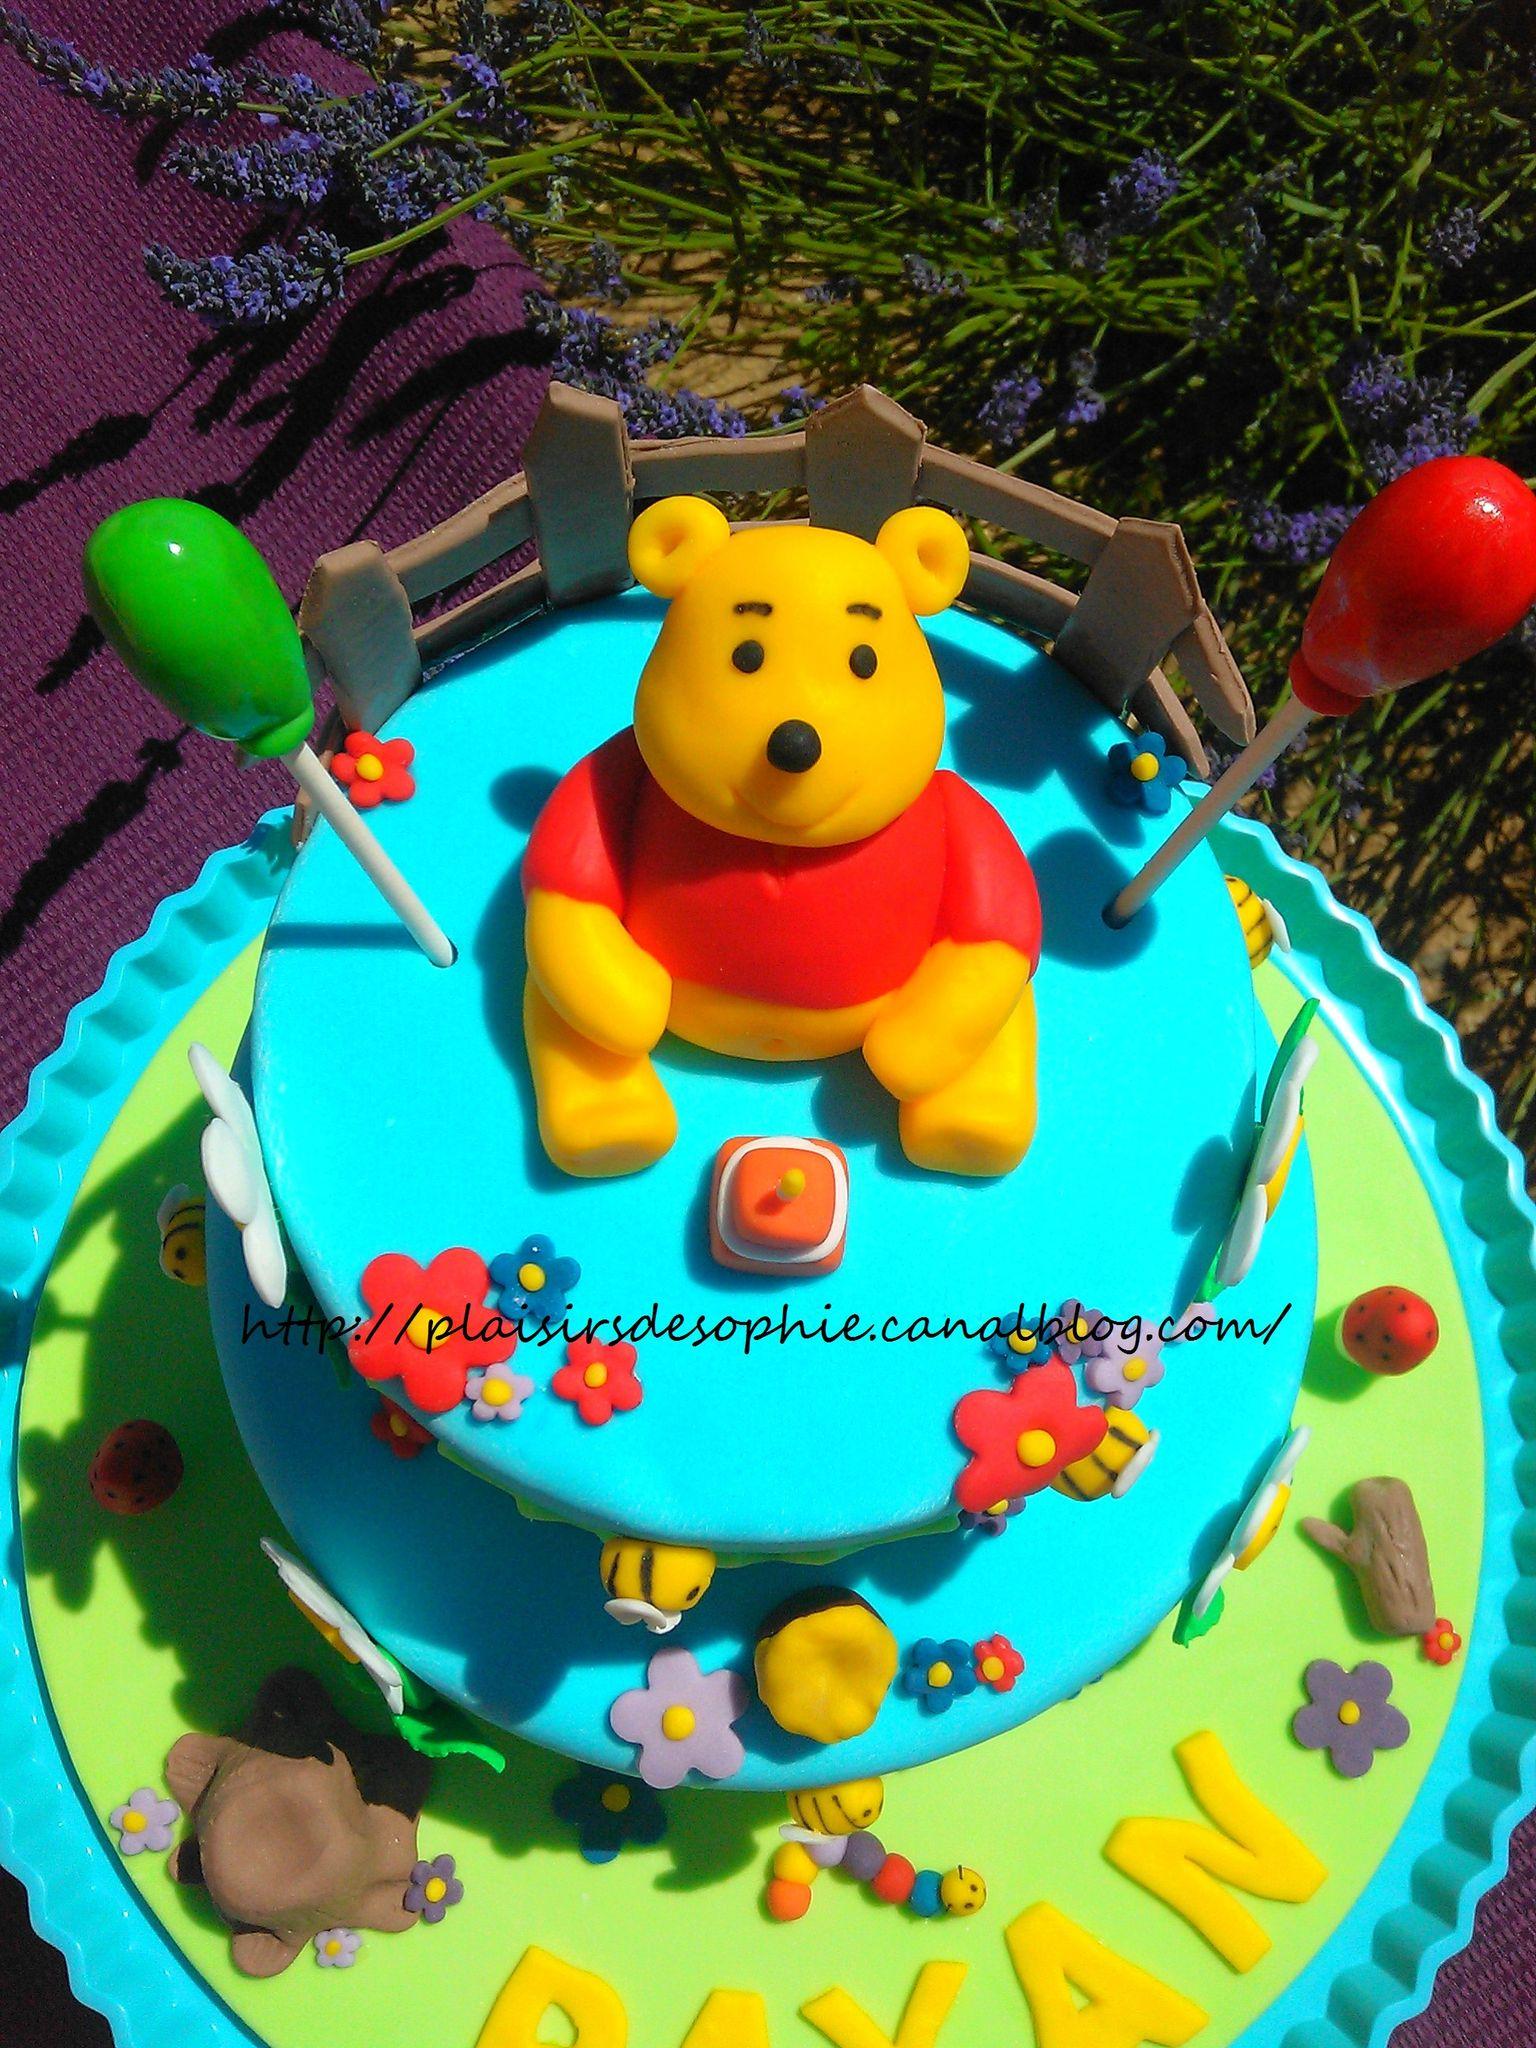 Gâteau Winnie L'ourson ! - Les Petits Plaisirs De Sophie tout Gateau Anniversaire Winnie L Ourson